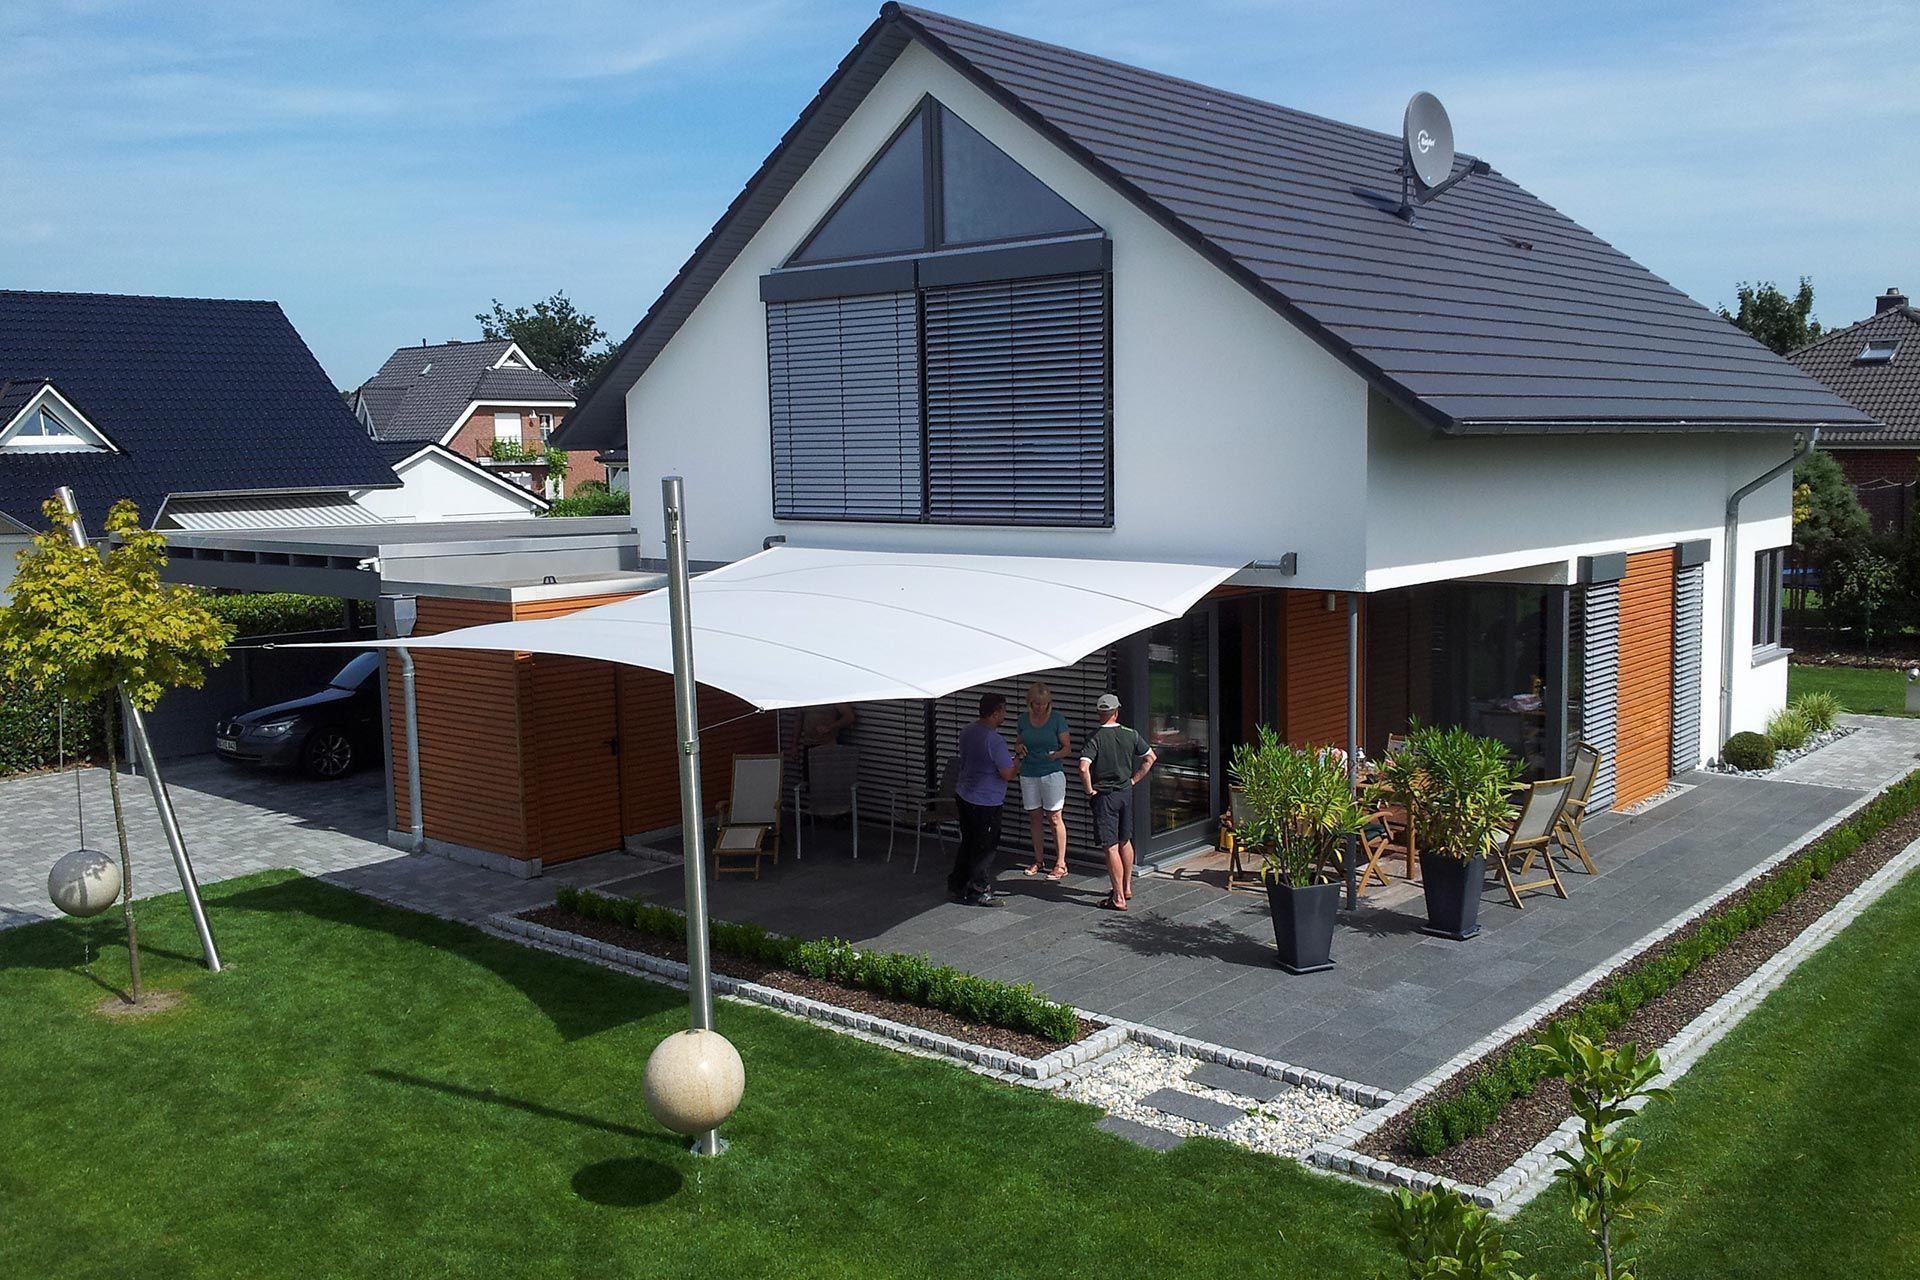 Pin von C4sun GmbH auf Square4sun - High-end Sonnensegel ...